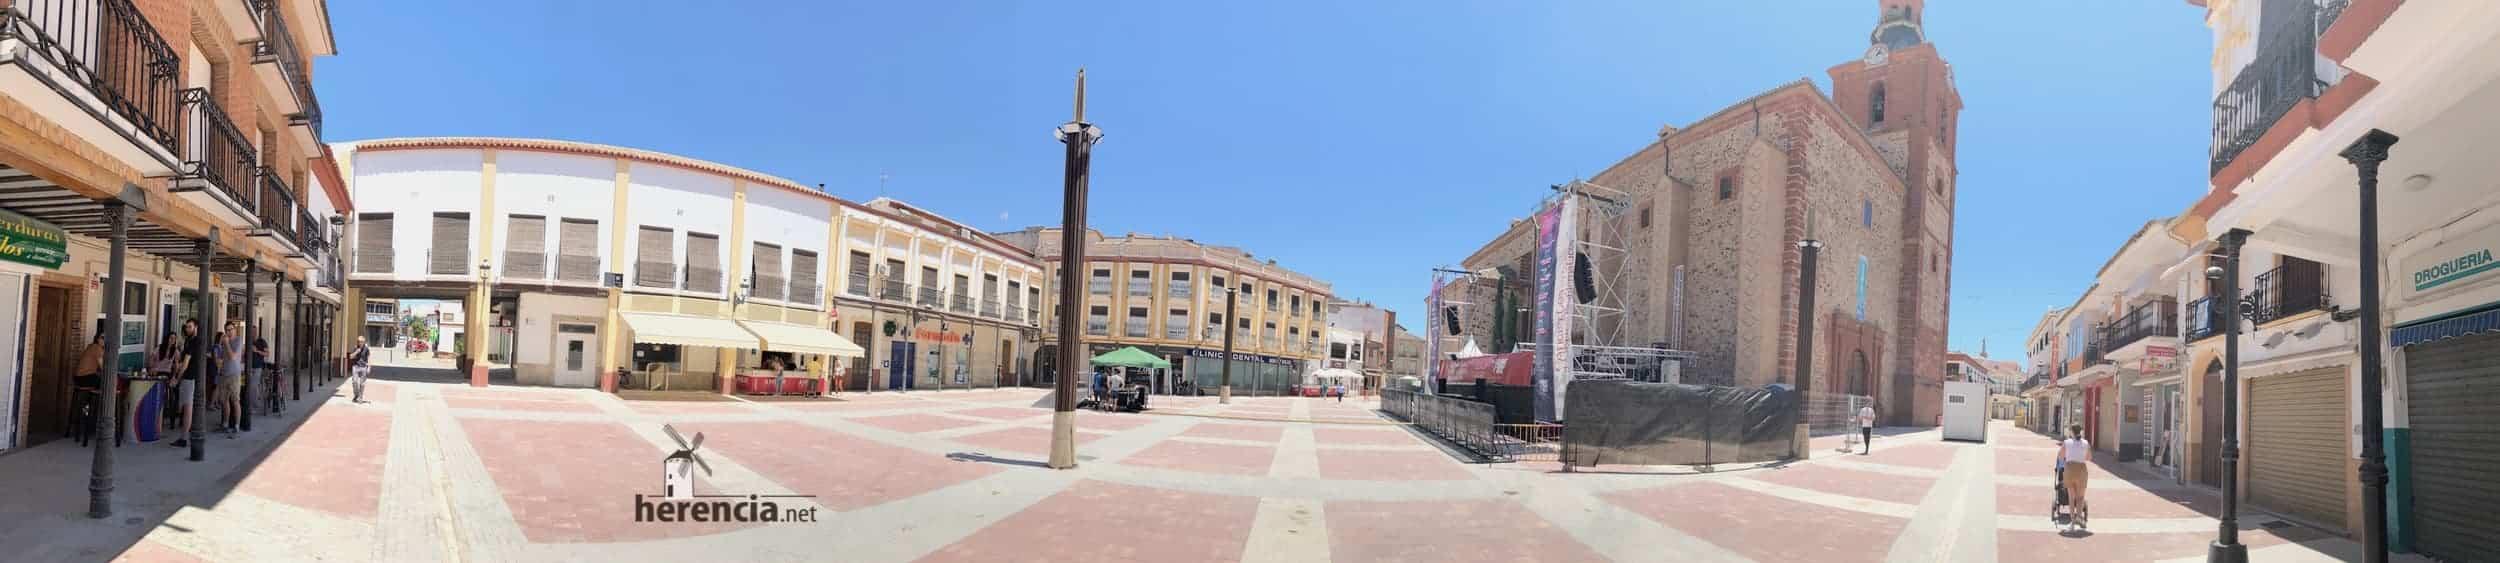 renovada plaza espana herencia concierto dvicio - DVICIO llena una renovada Plaza de España en Herencia